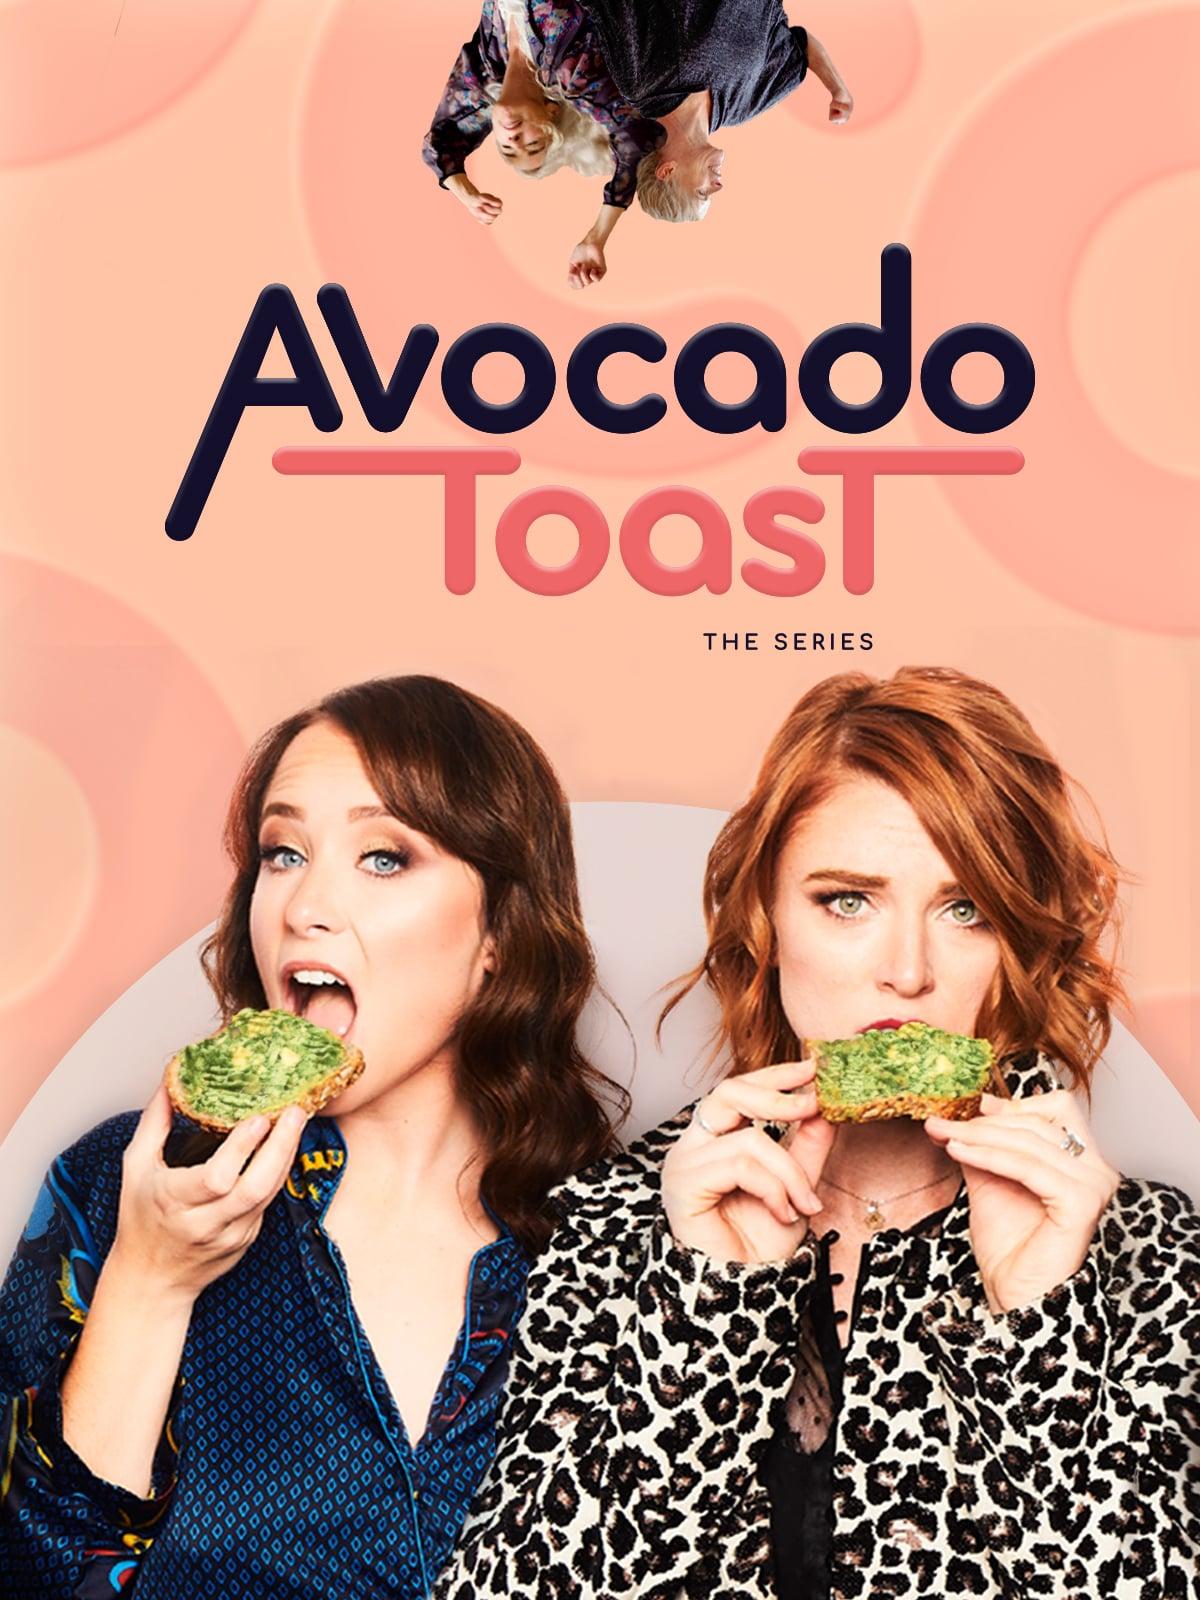 姬偶天成 第一季 Avocado Toast Season 1 (2021)